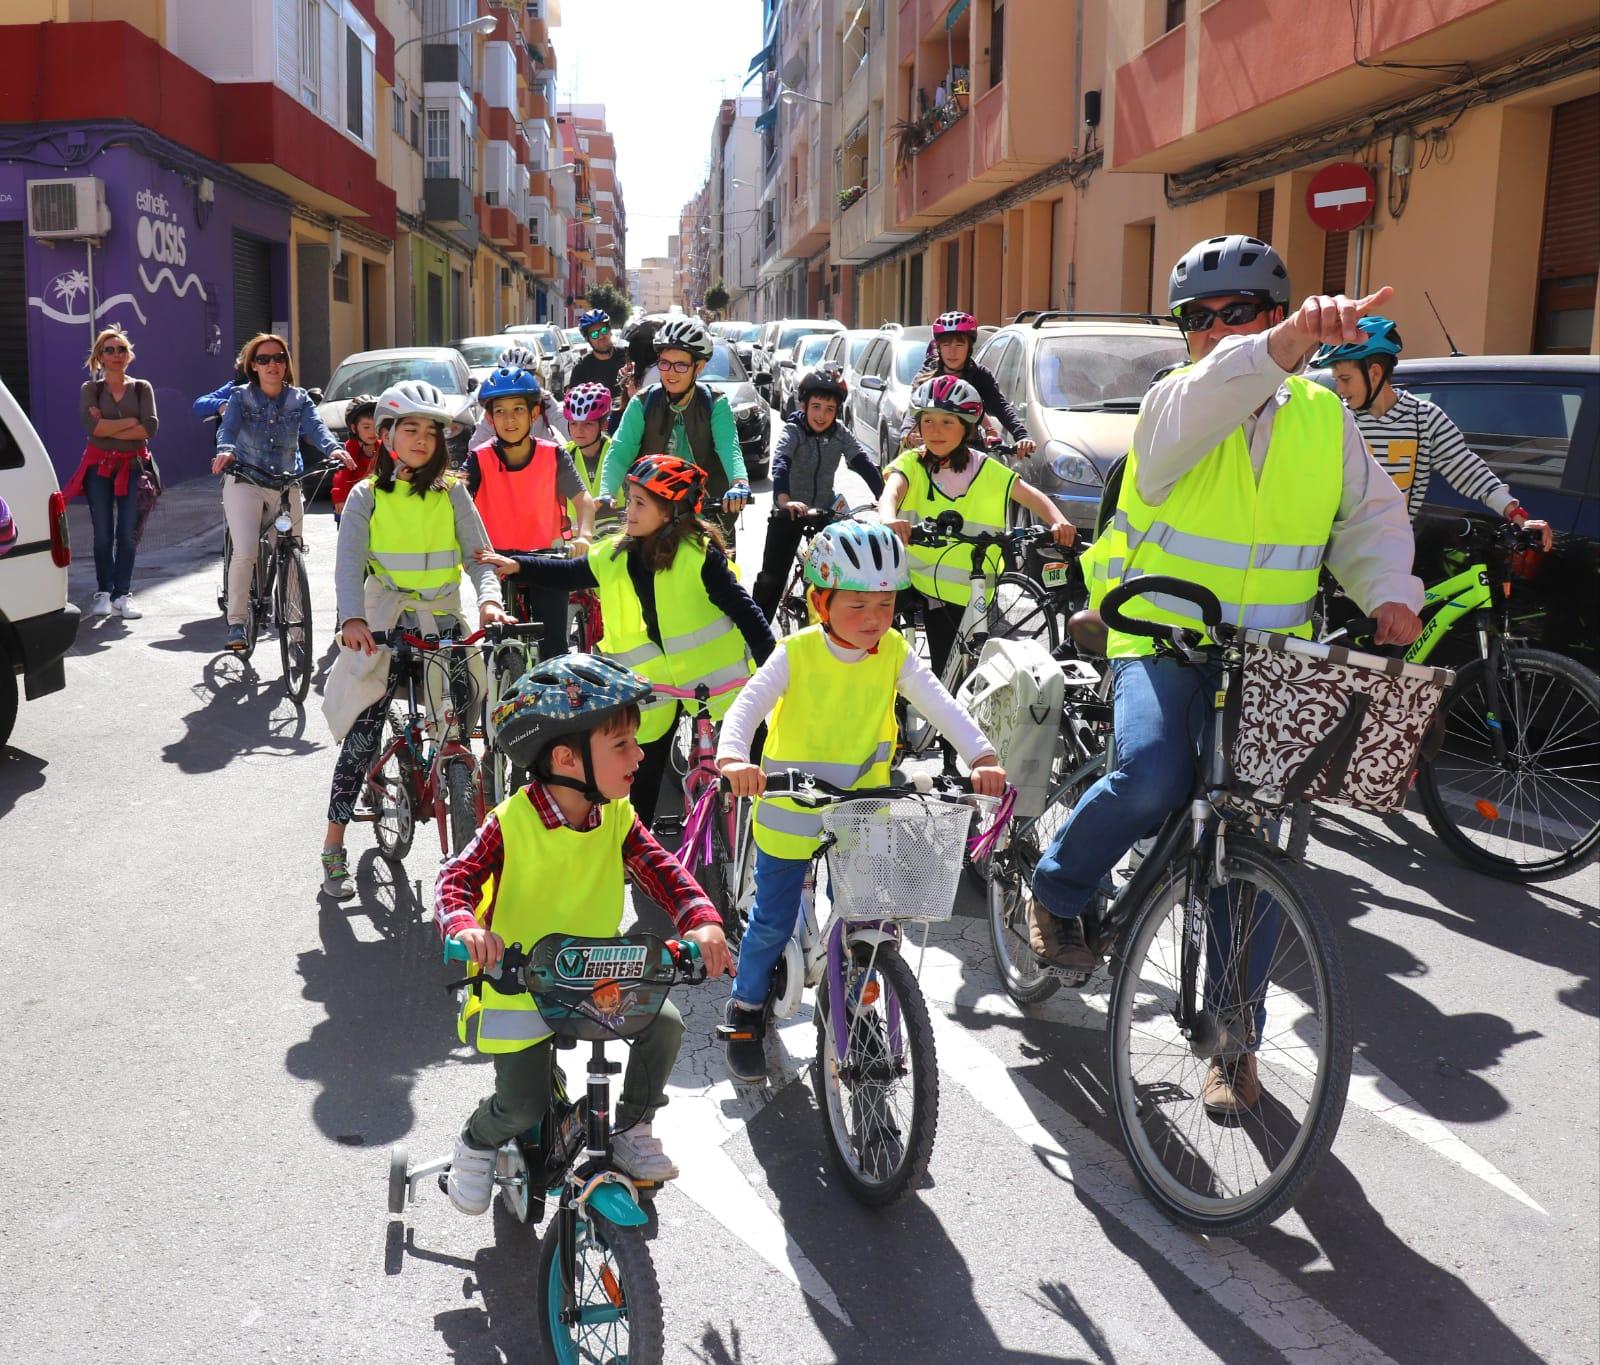 Bici-Bus, la iniciativa del Bonavista per a anar a l'escola de forma sostenible i segura El Periòdic d'Ontinyent